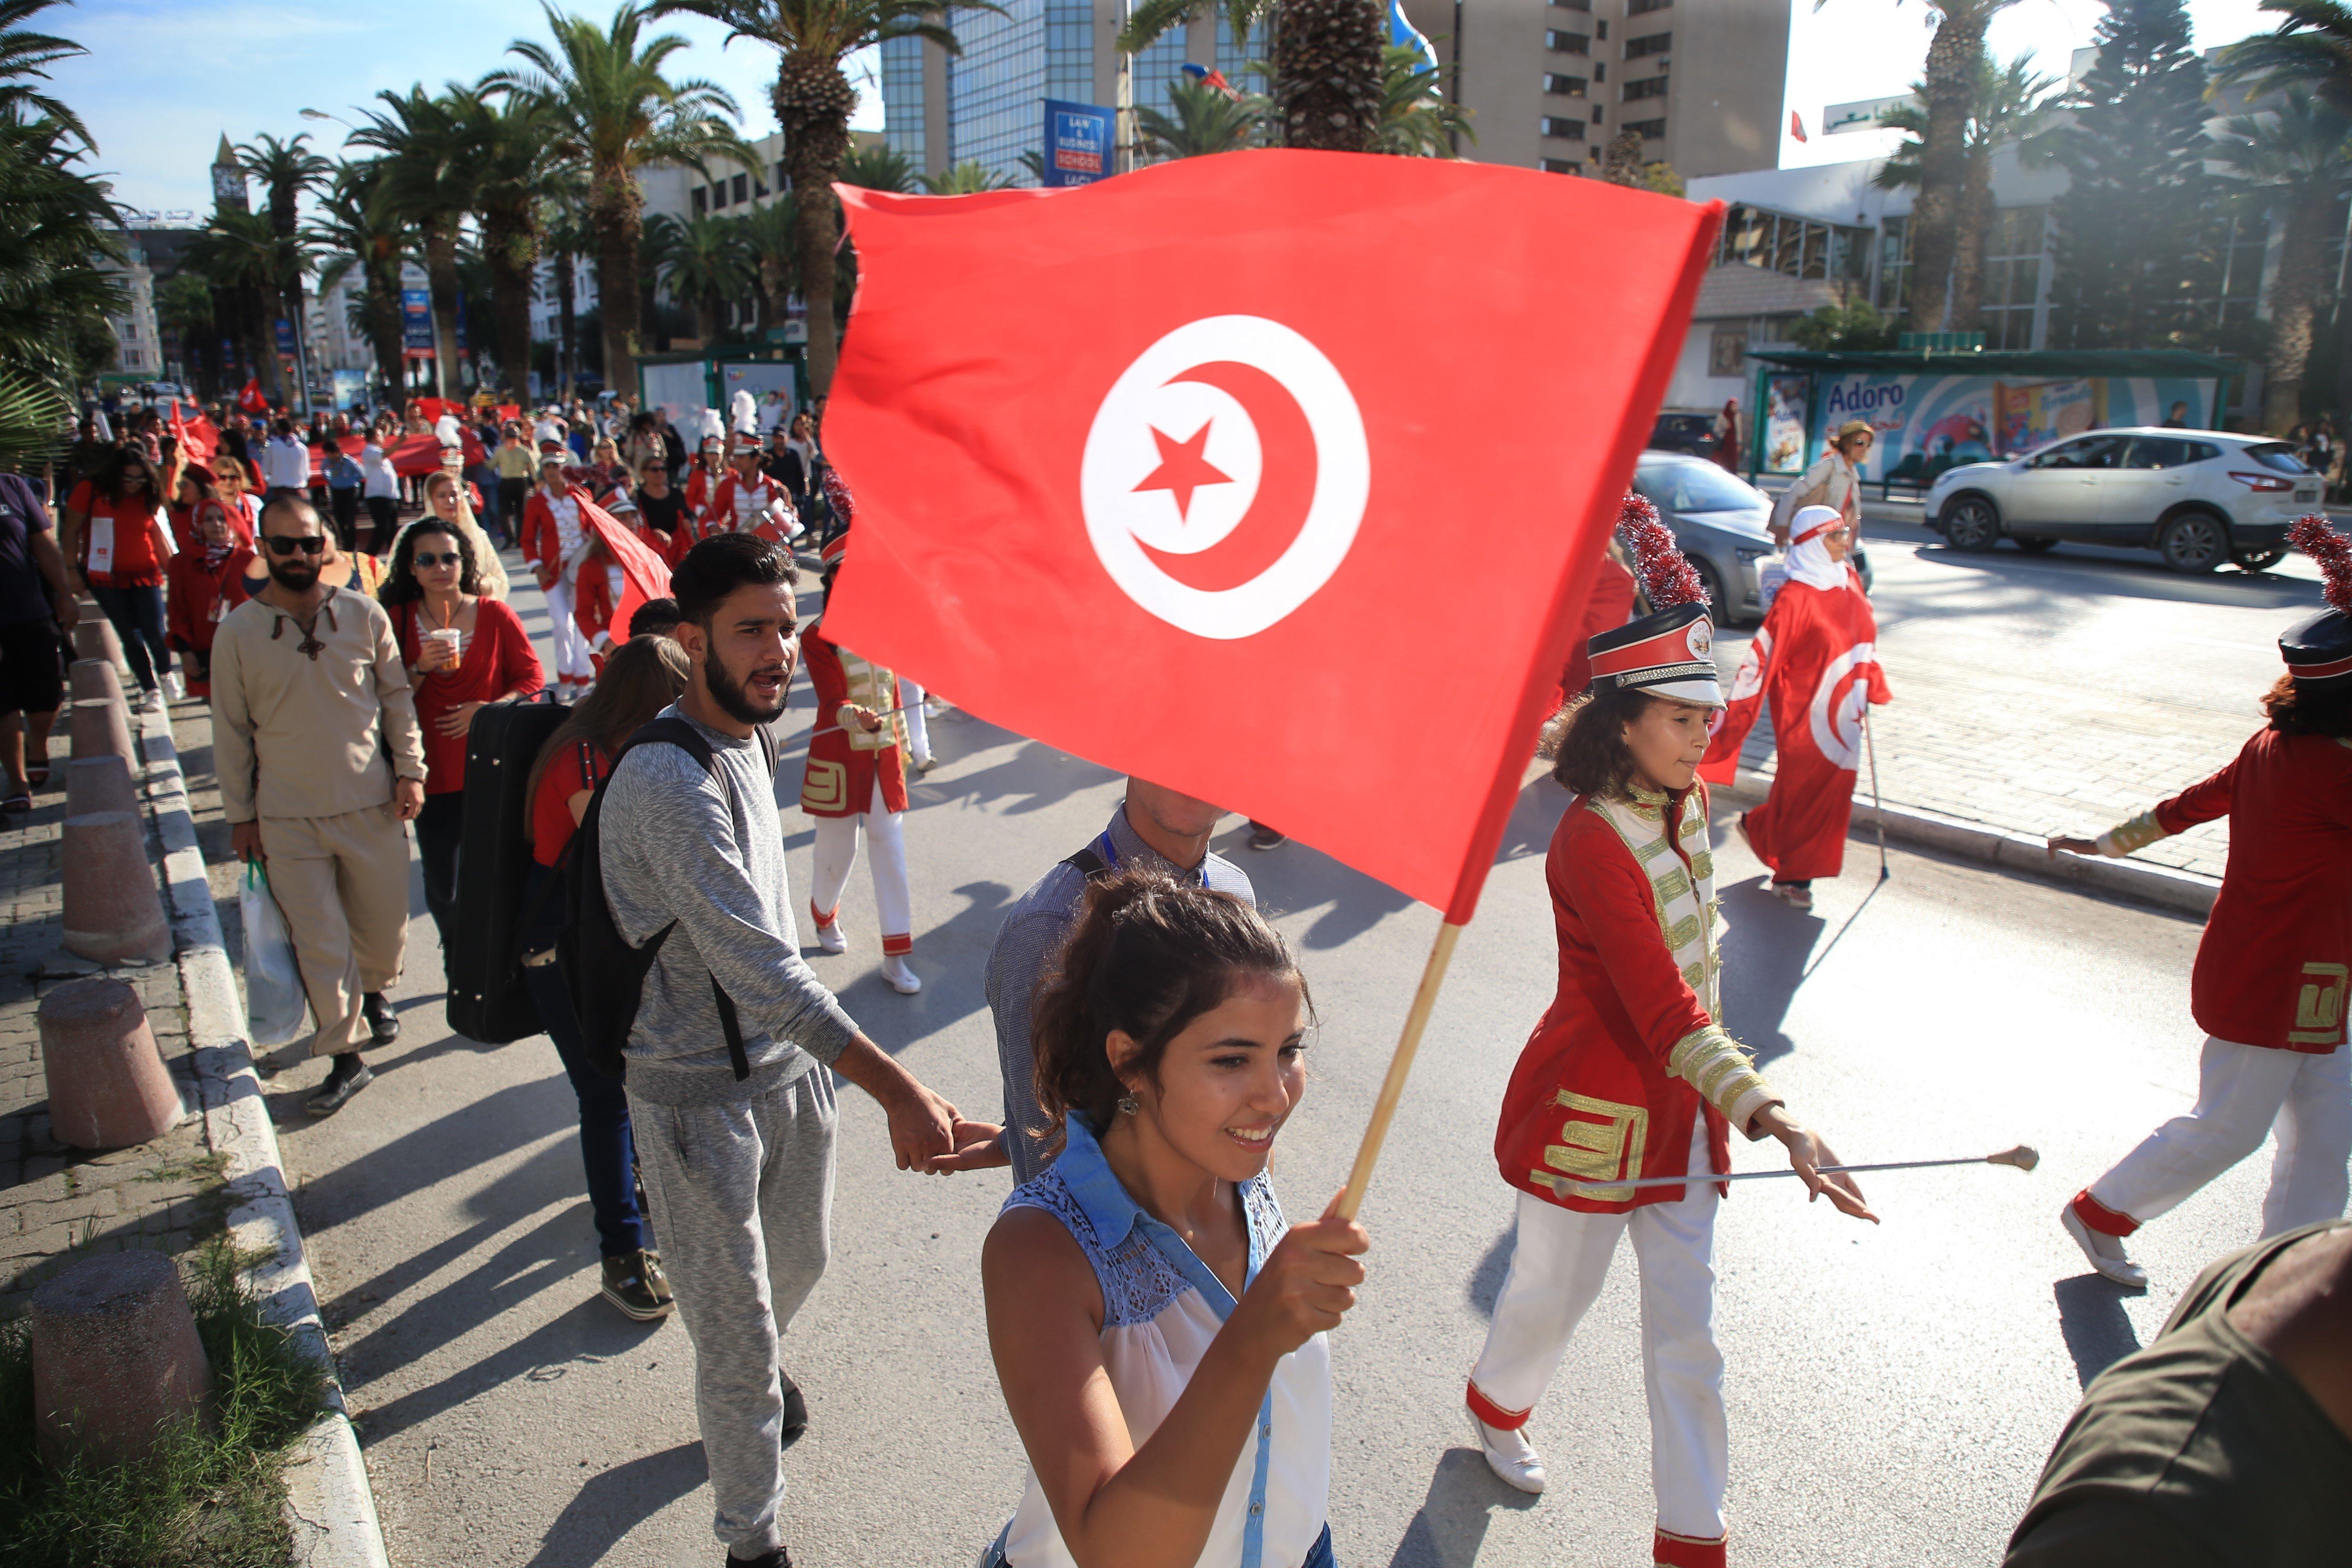 """Réponse à """"Quitter la Tunisie, une terre vouée à l'échec"""": La jeunesse d'aujourd'hui est responsable de la réalité de"""